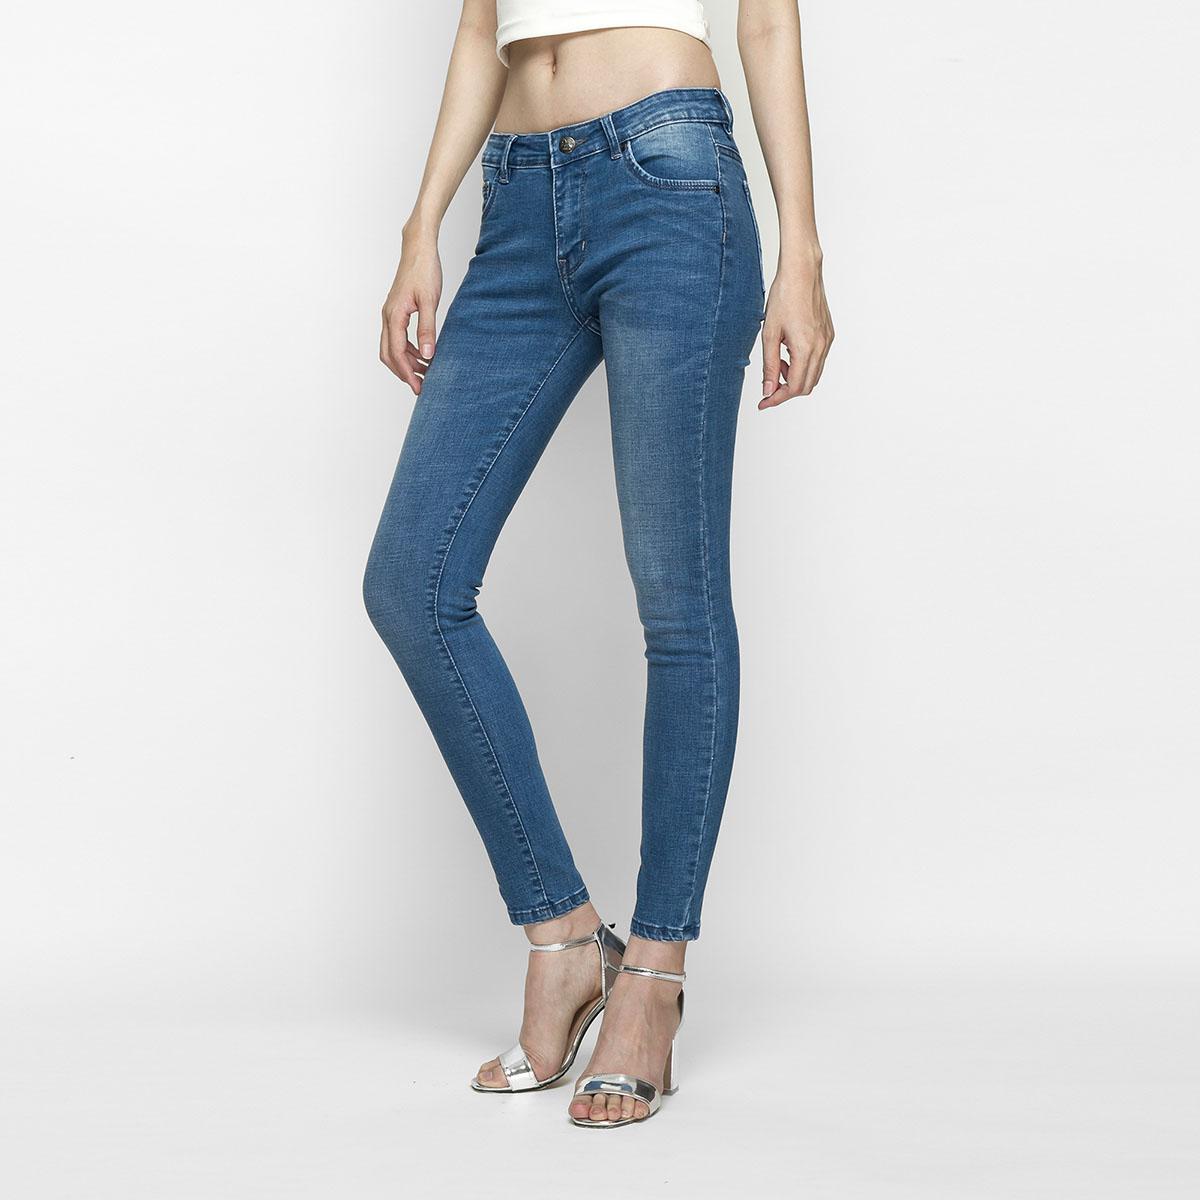 Quần Jean Nữ Skinny Lưng Vừa Aaa Jeans Có Nhiều Màu Size 26 - 32 16